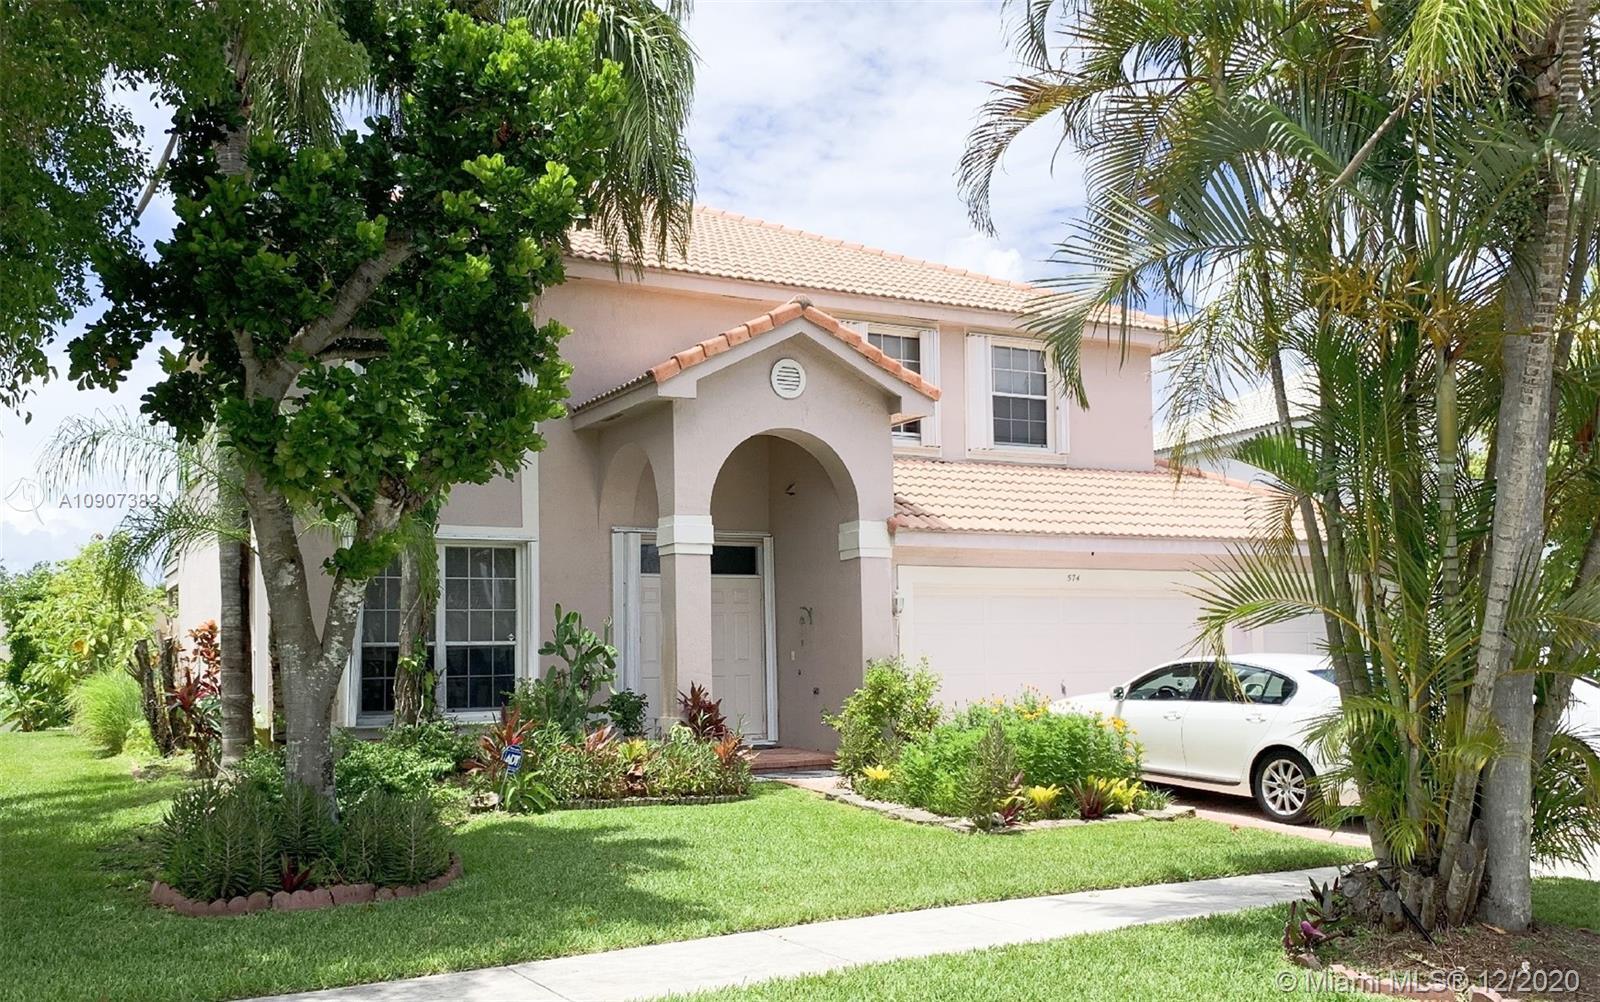 Silver Lakes - 574 SW 180th Ave, Pembroke Pines, FL 33029